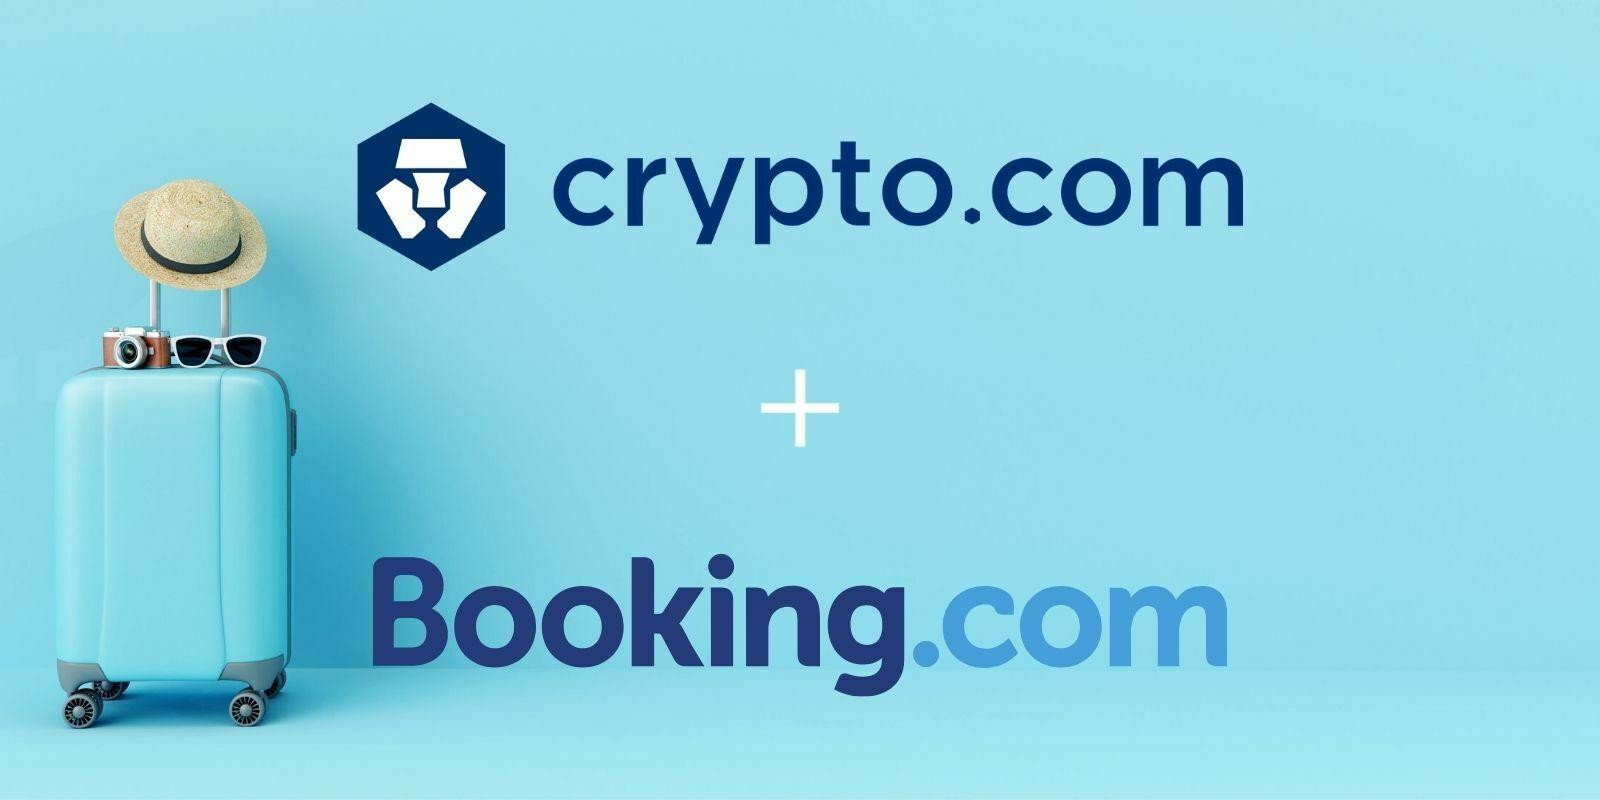 Crypto.com s'associe à Booking.com pour offrir des réductions exclusives